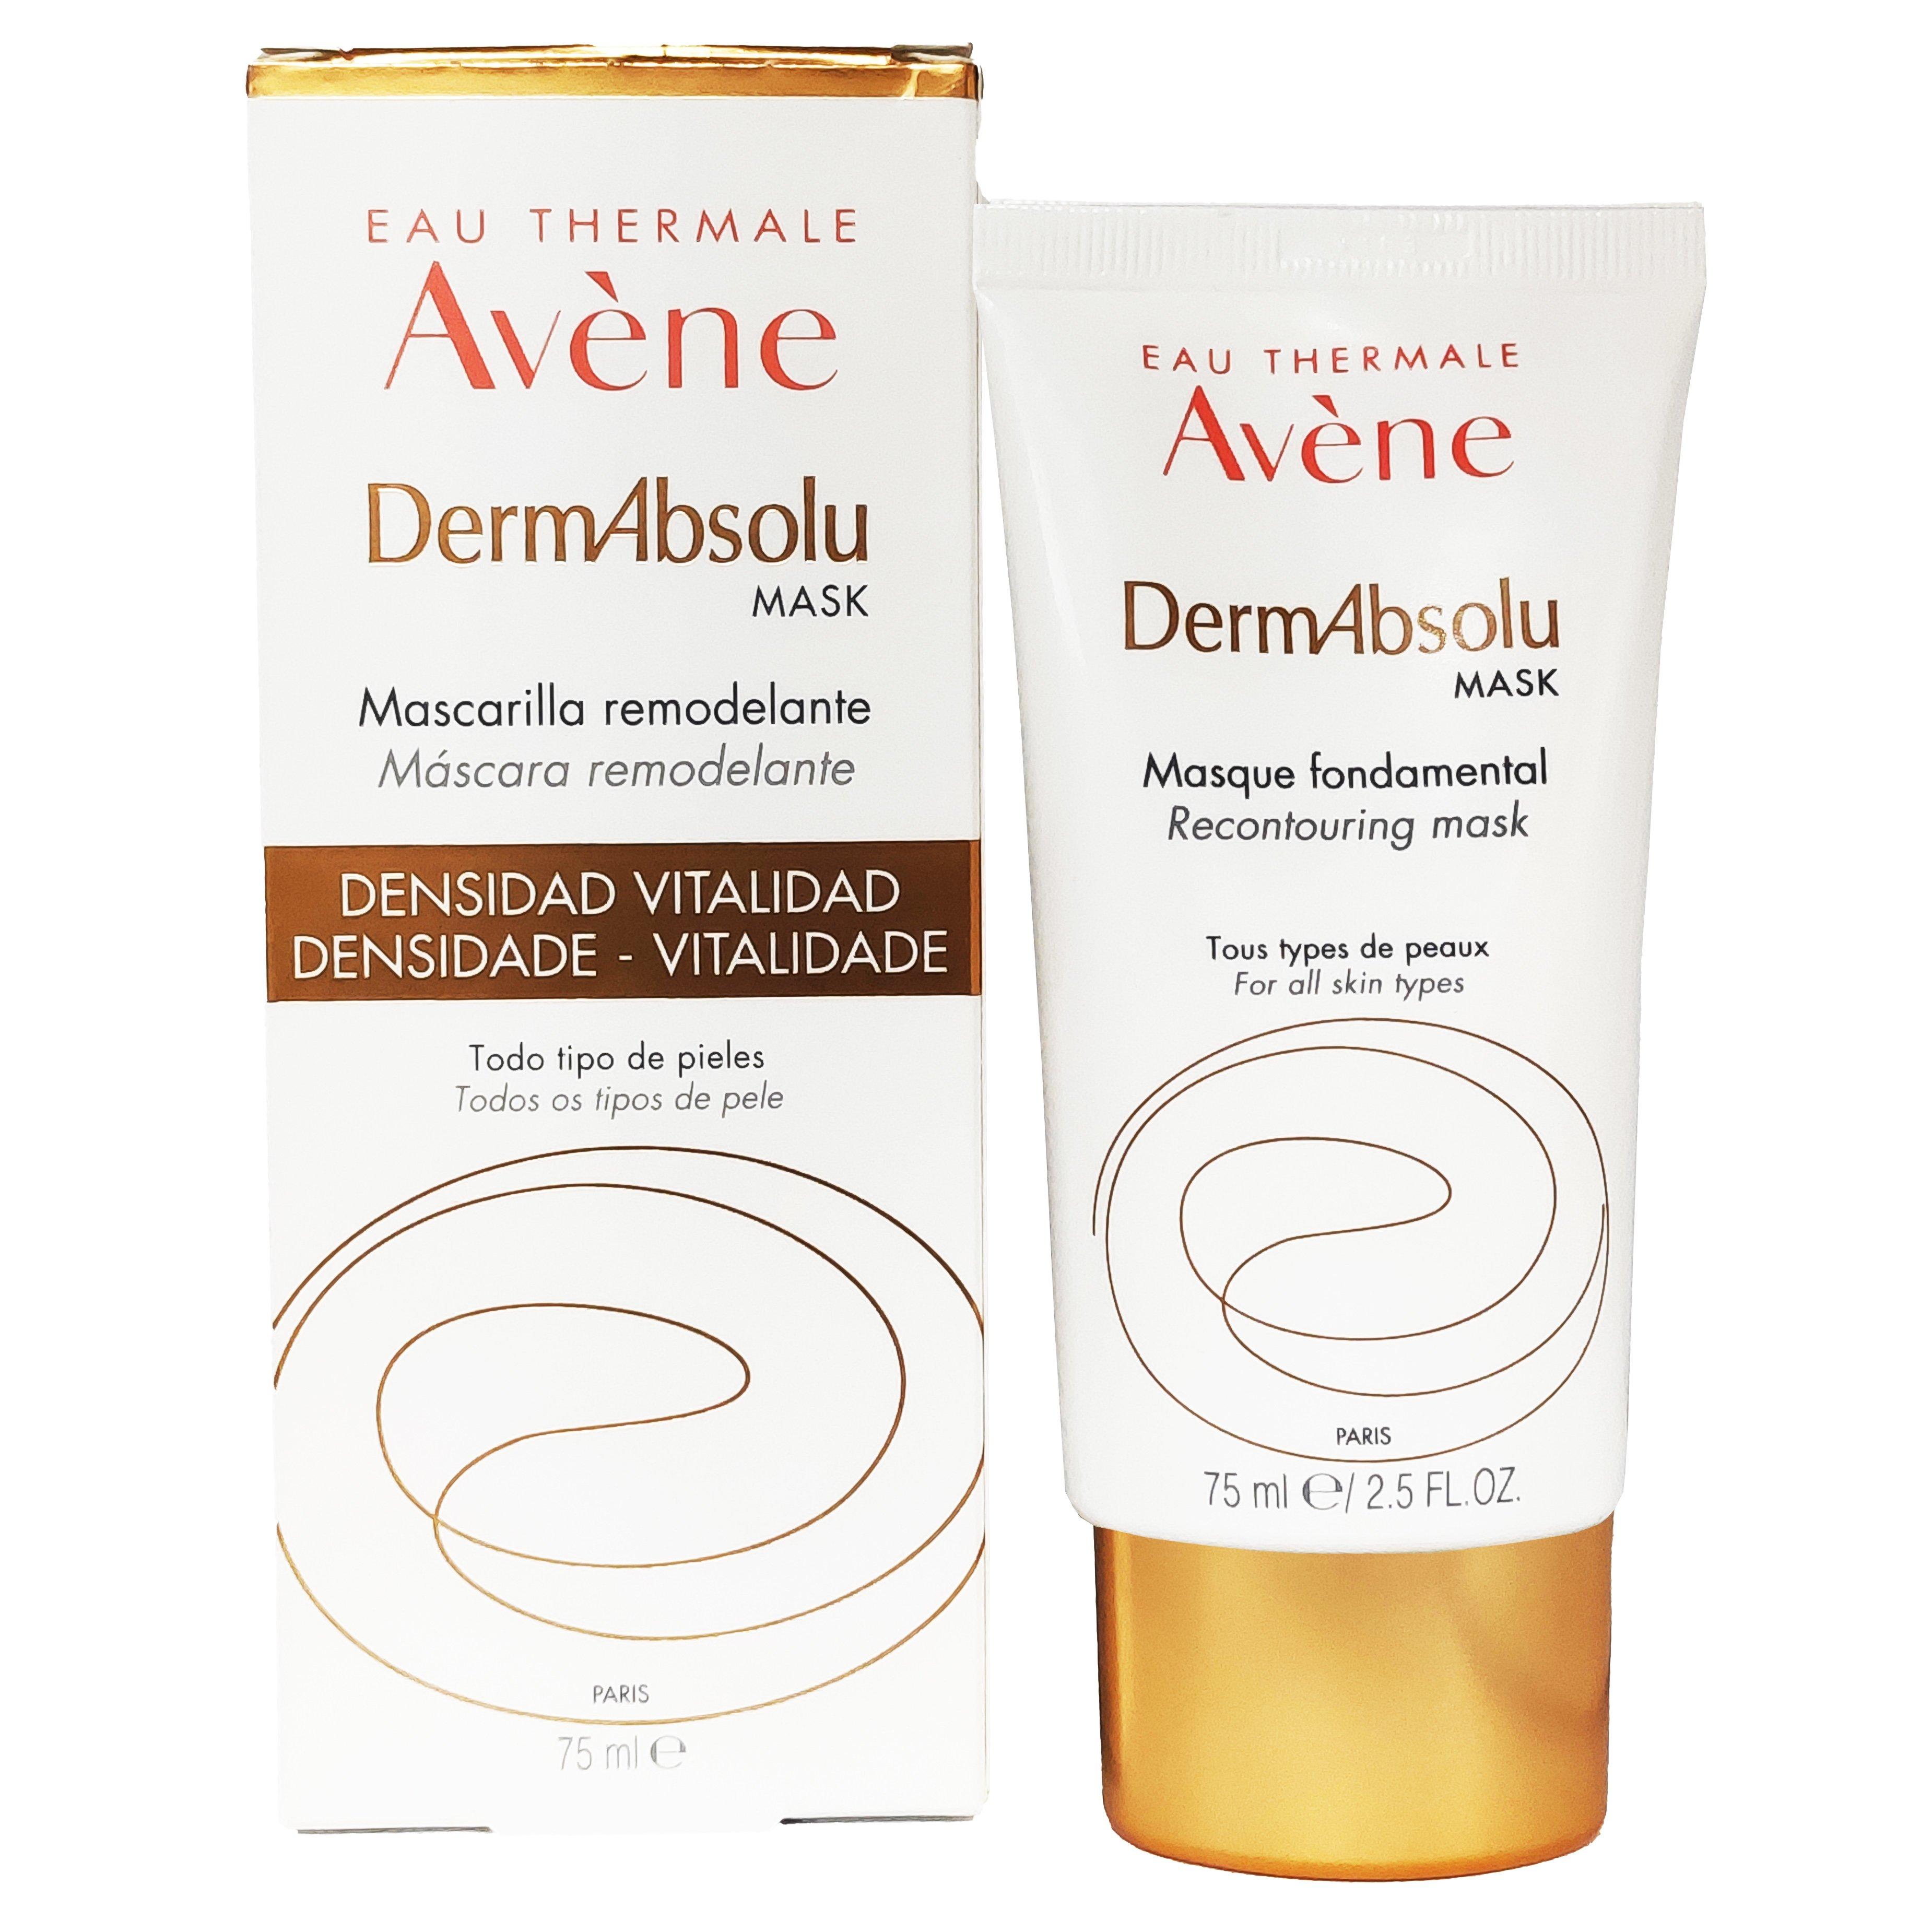 Avene DermAbsolu Fondamental Mask Ενυδατική & Αντιγηραντική Βασική Μάσκα Προσώπου για Επαναφορά της Πυκνότητας 75ml